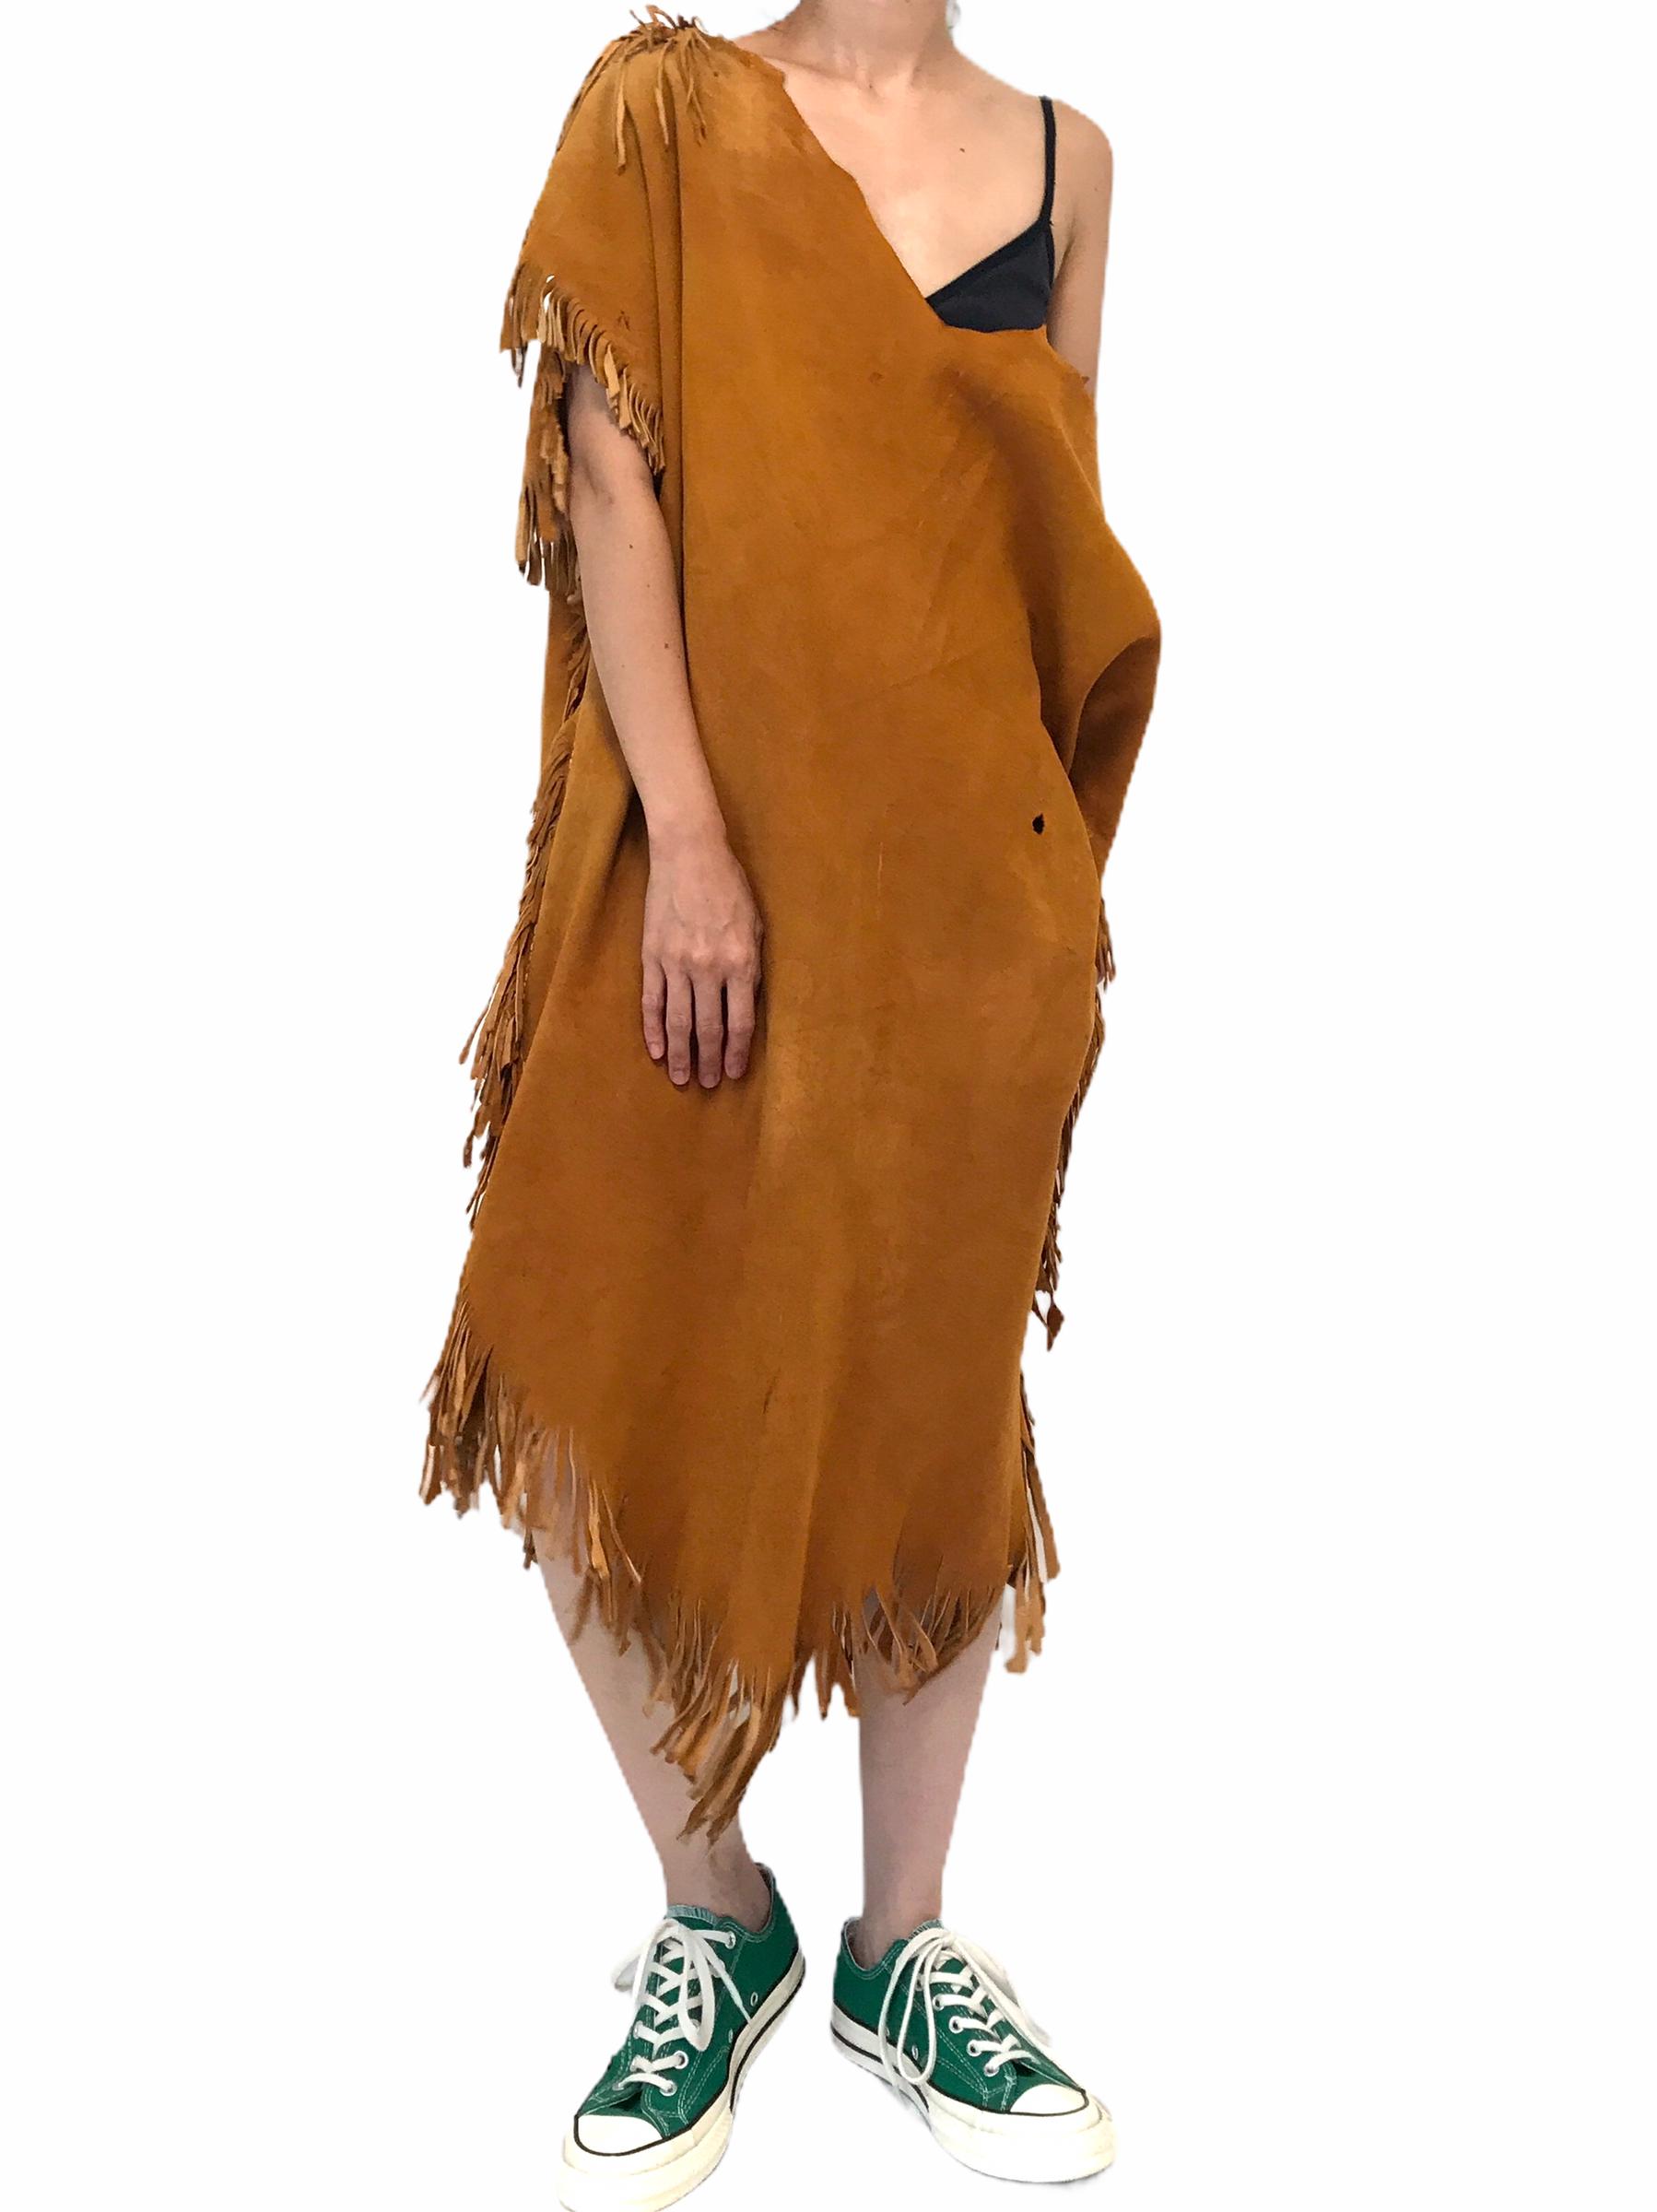 70's Vintage Brown Deerskin Handcrafted Dress